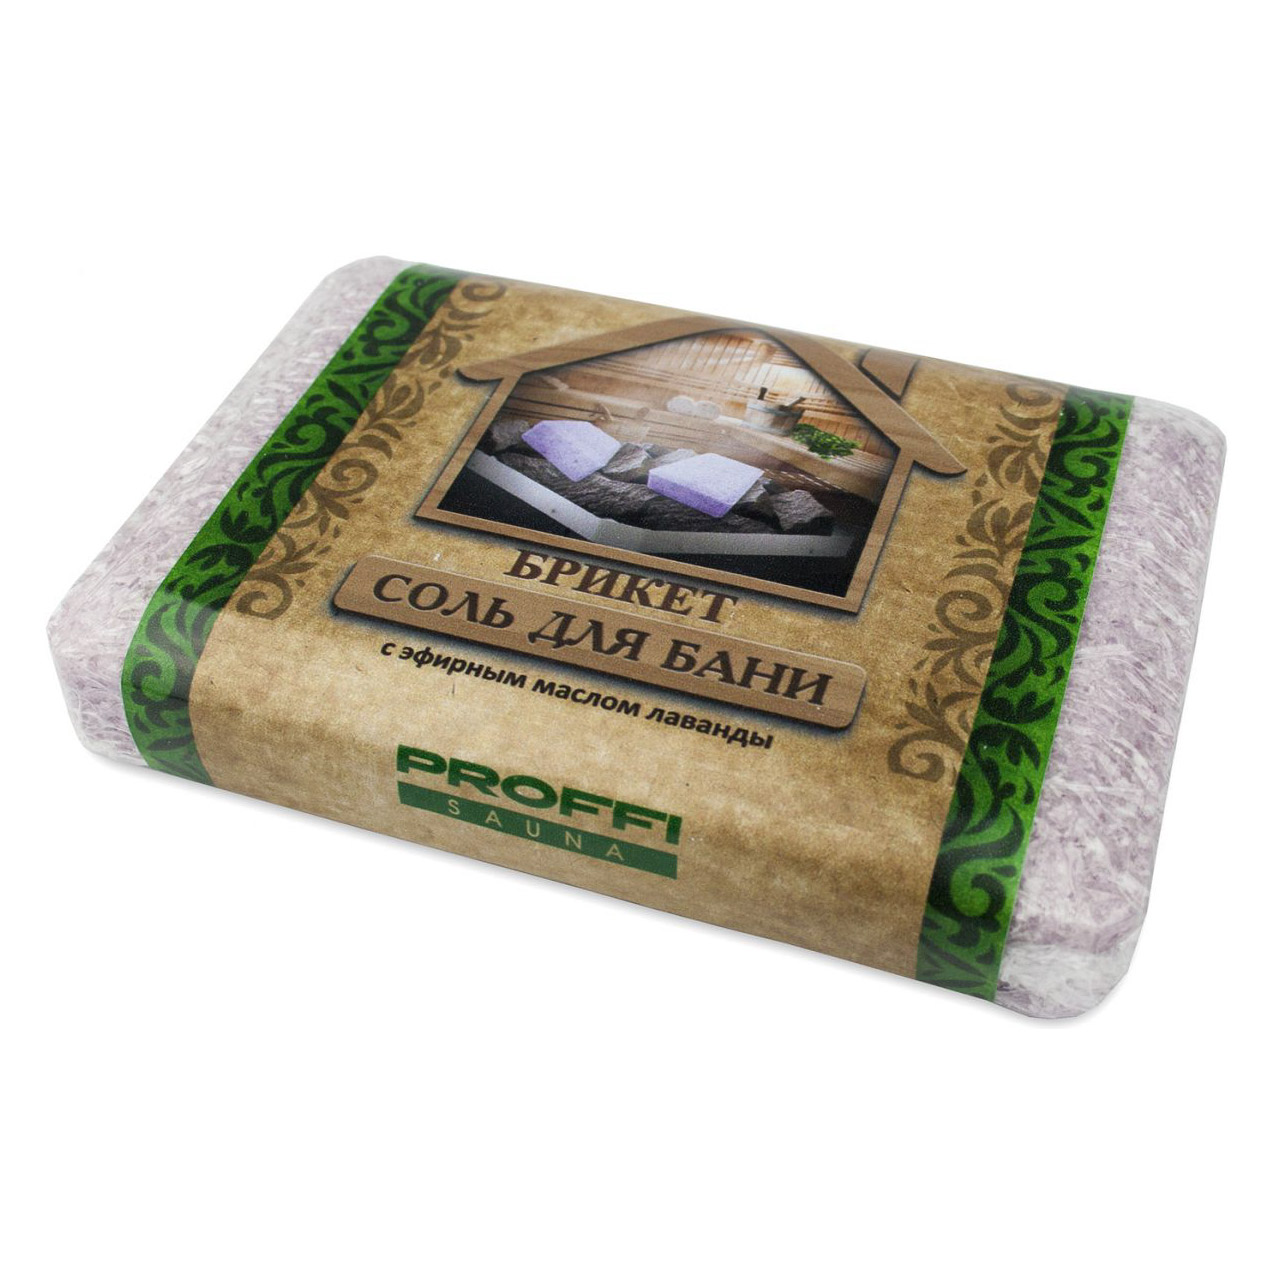 Соль для ванны и бани PROFFI SAUNA Соль морская с маслом лаванды 750 г фото